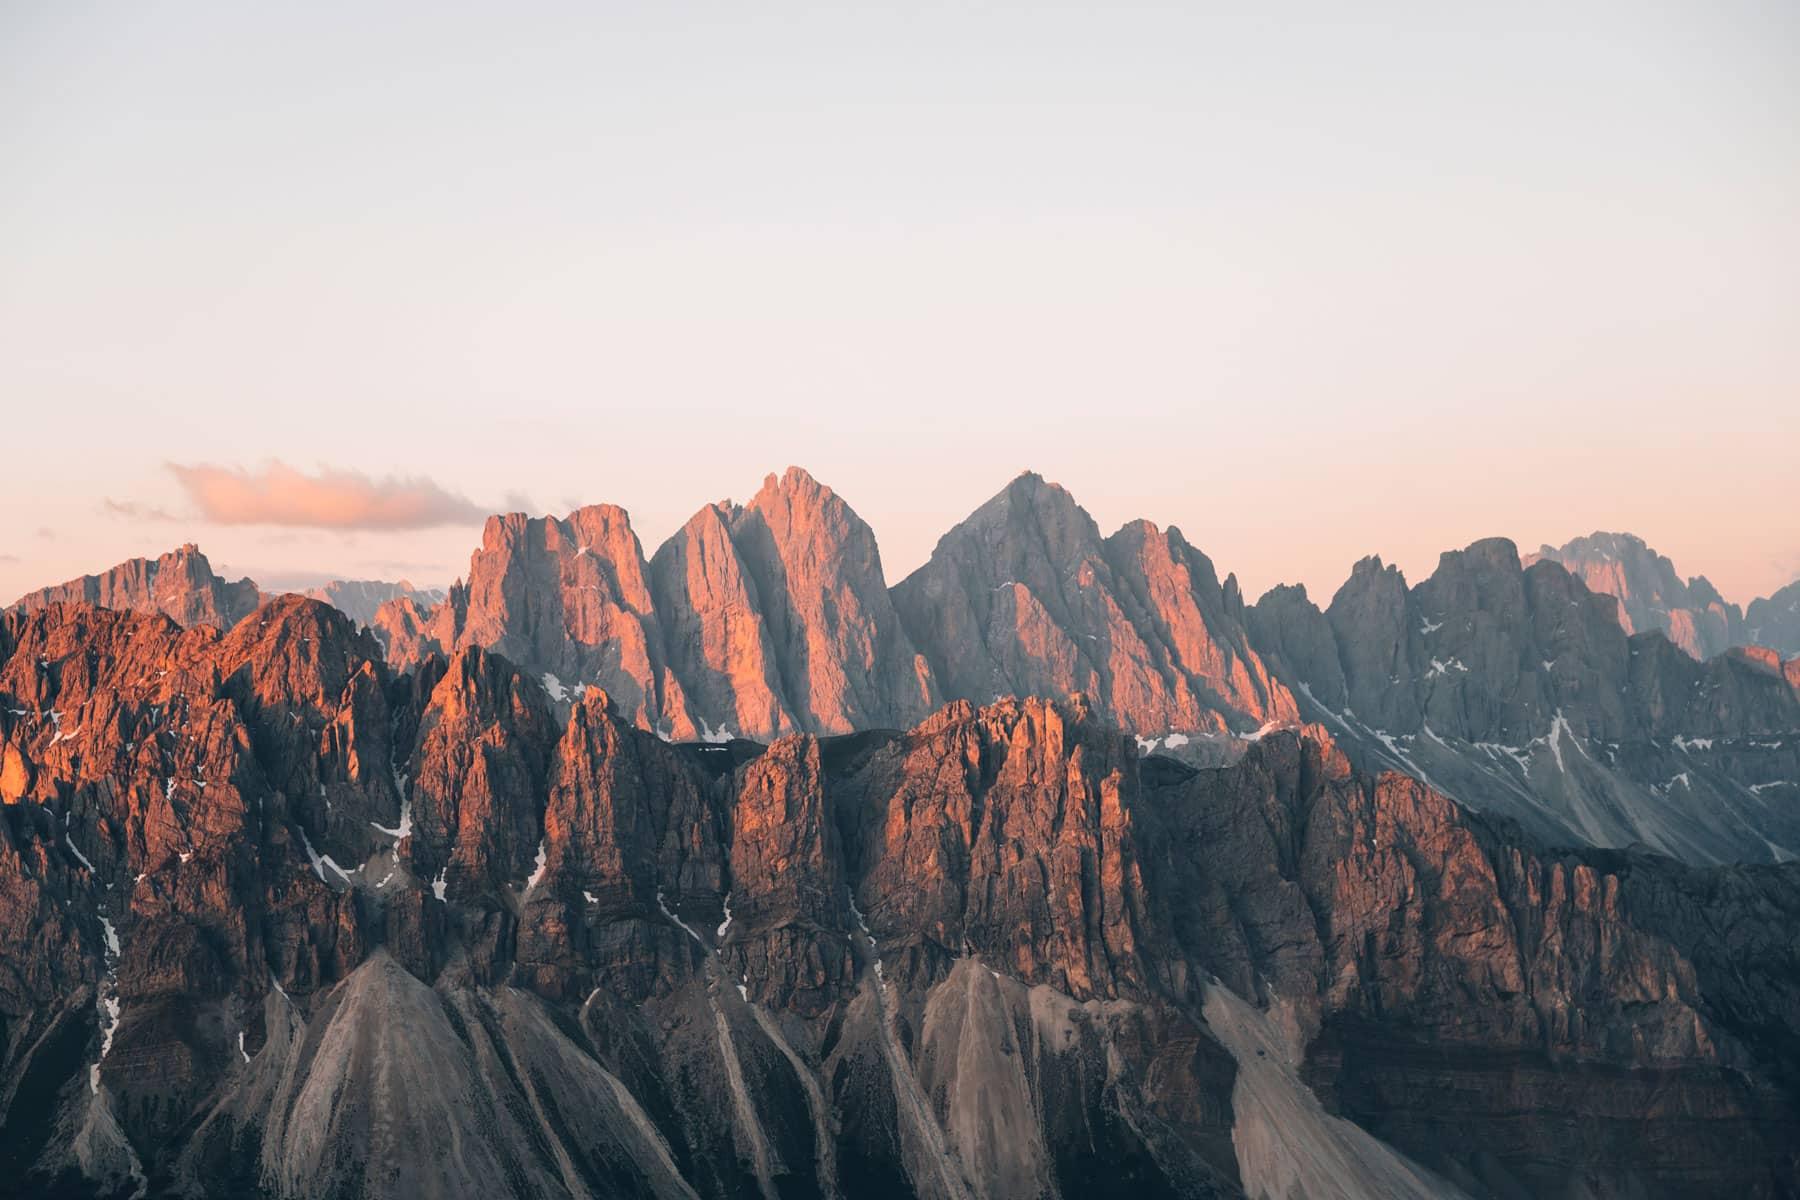 Vue dpuis le Monte Gabler, Dolomites